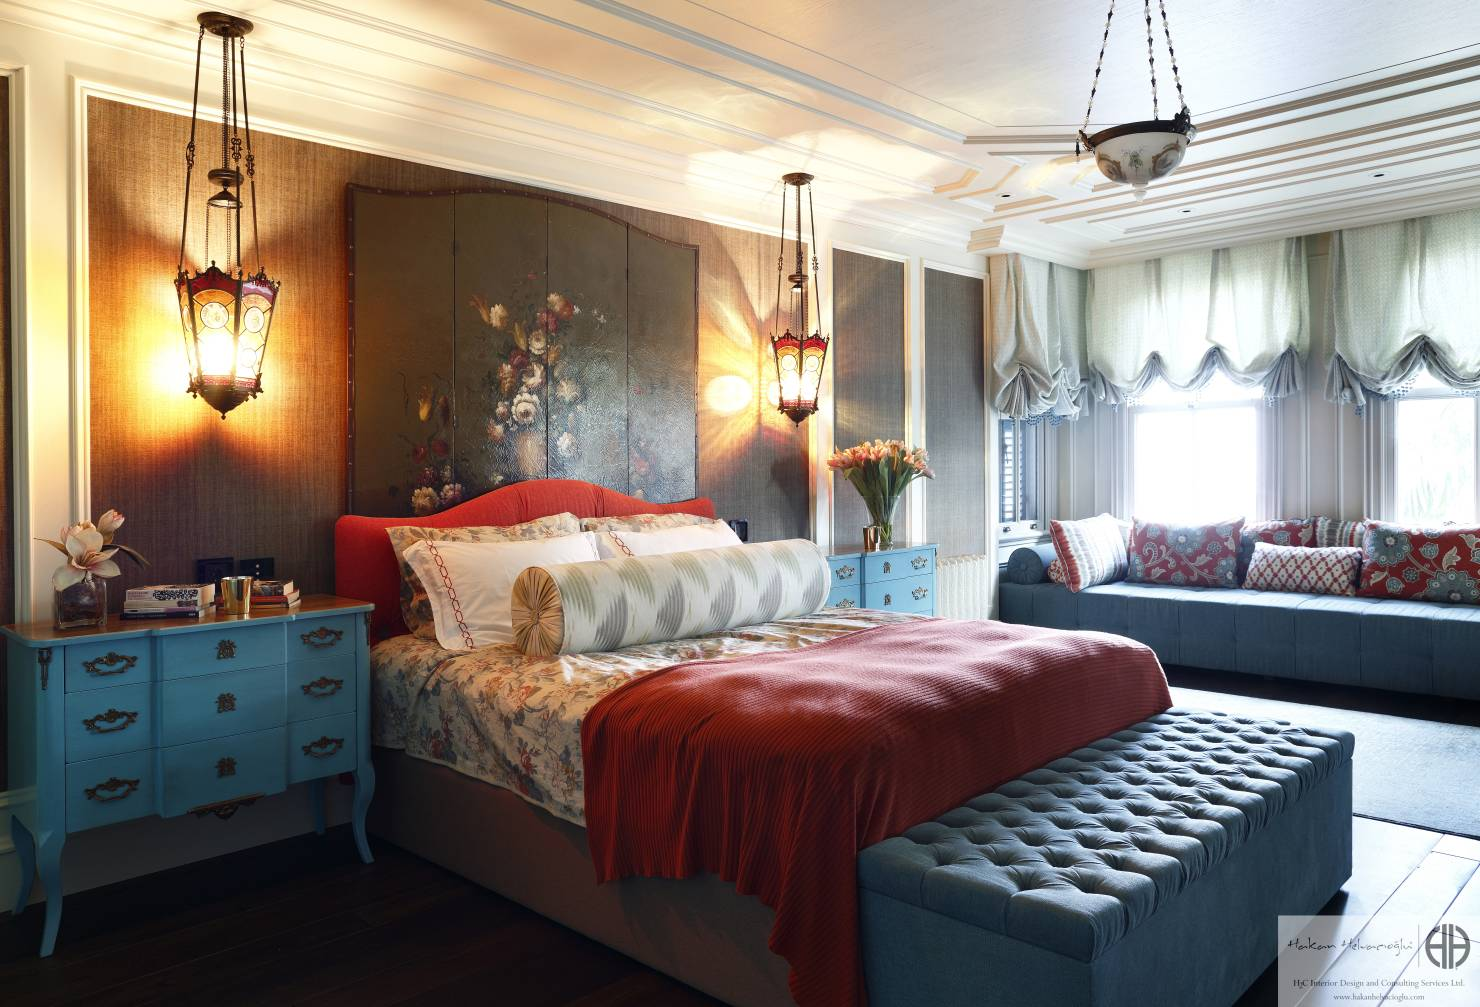 elegant-yatak-odanizin-dekorunda-renk-nasil-kullanilir-20 Yatak odanızın dekorunda renk nasıl kullanılır